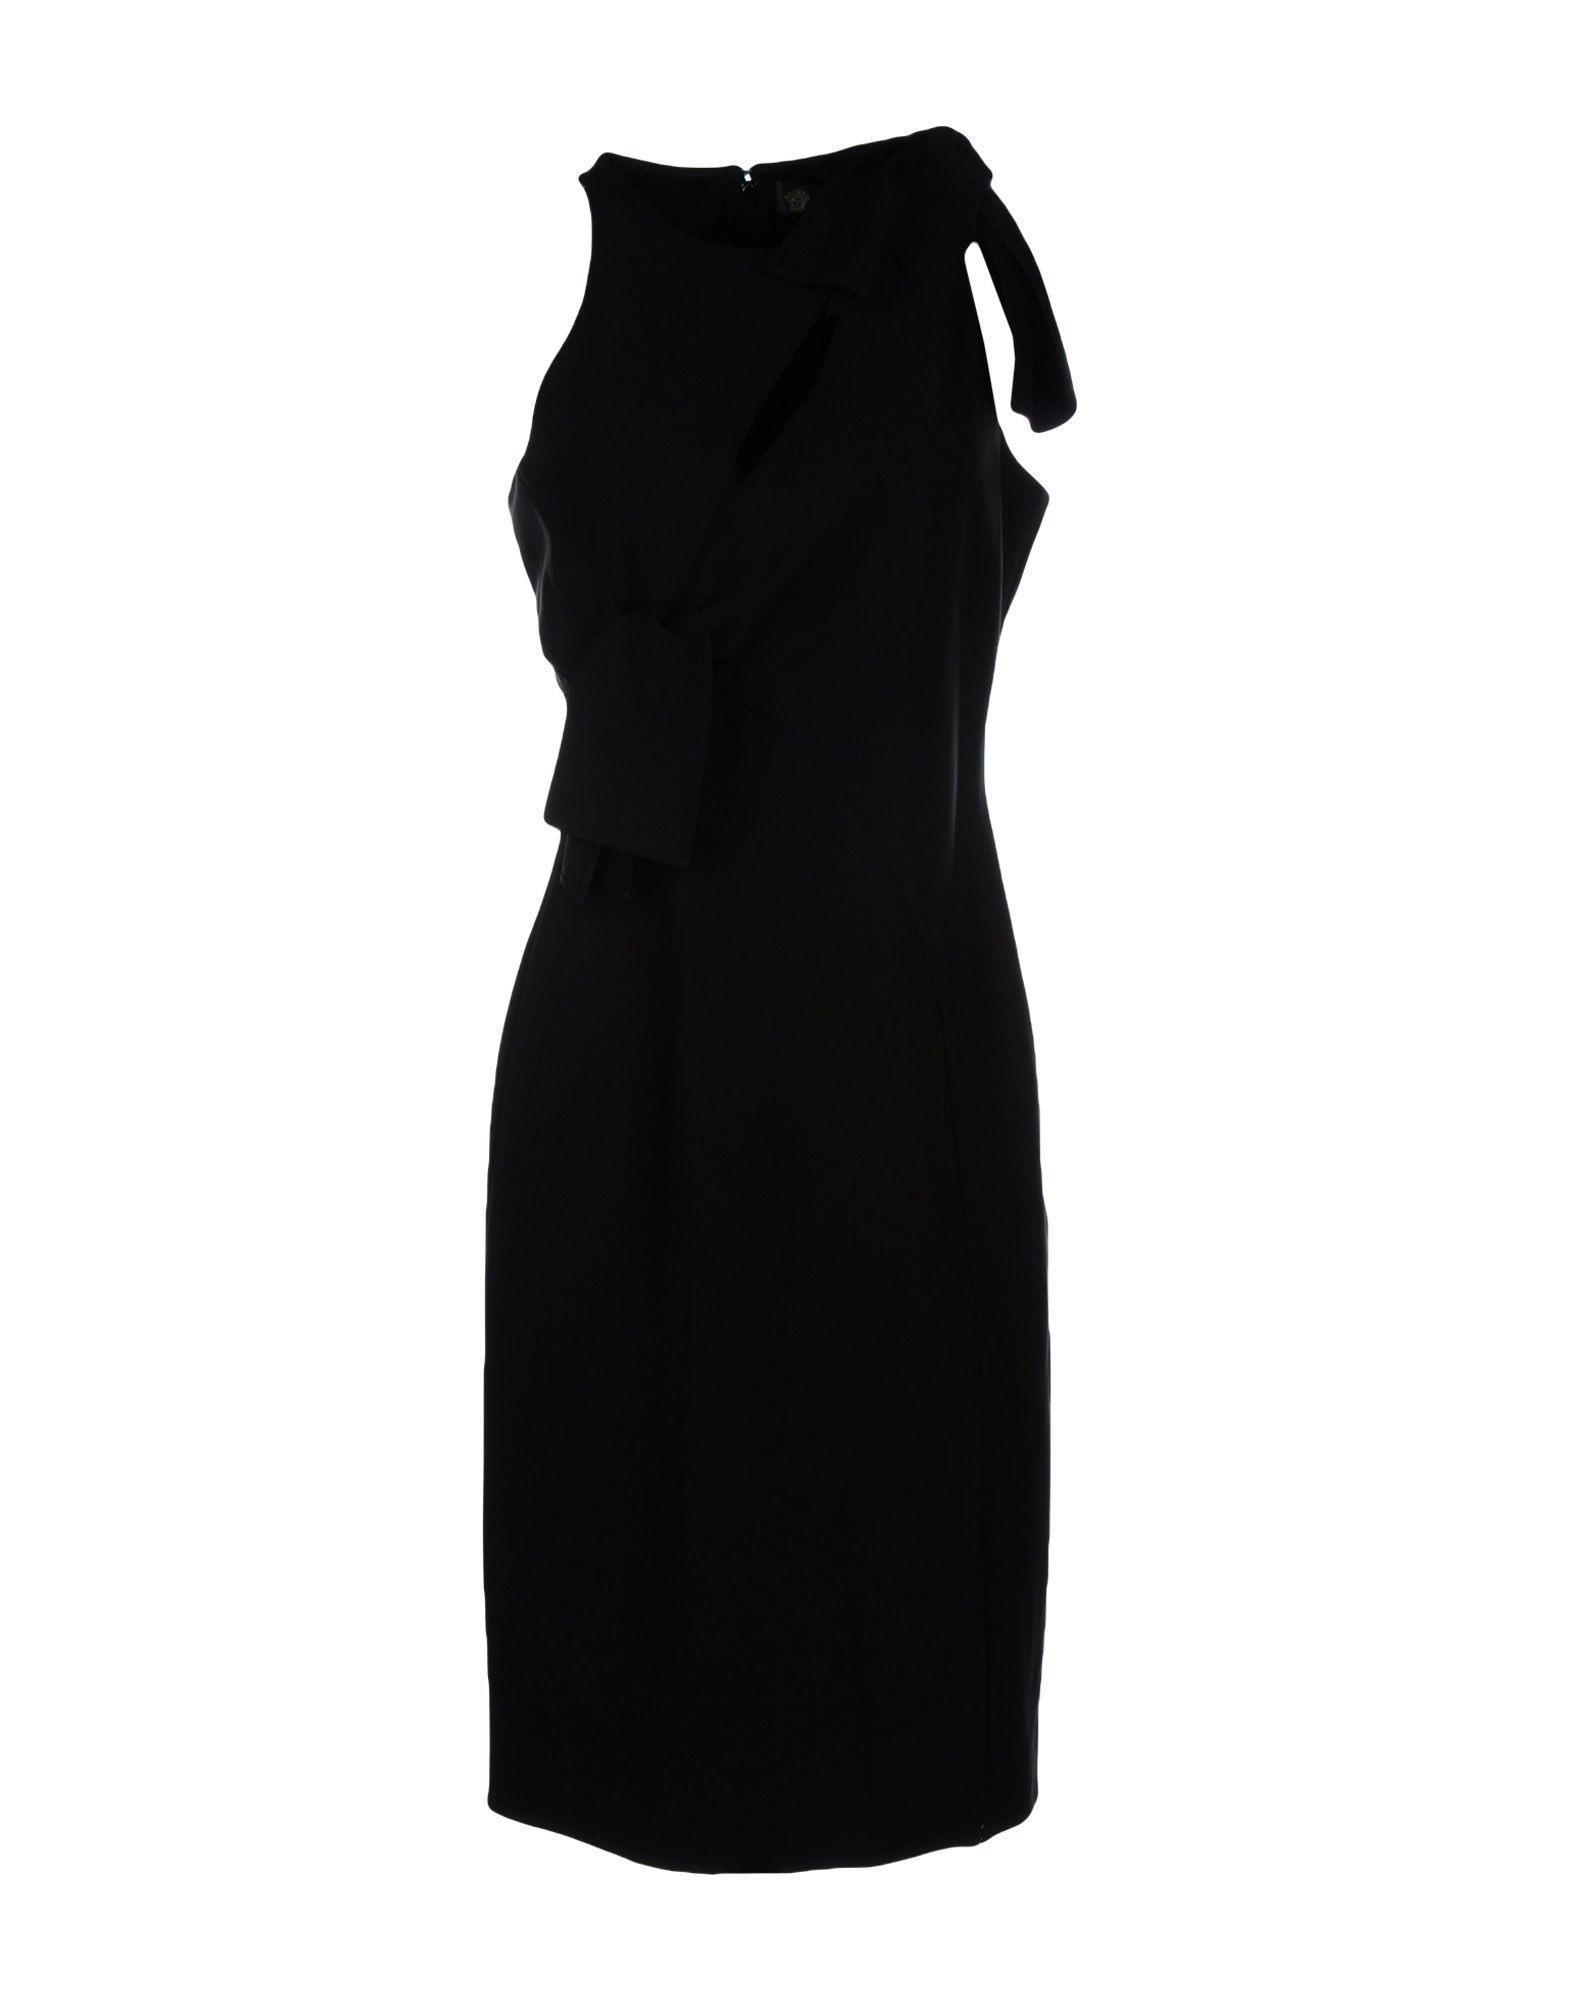 17 Schön Kleid Schwarz Damen für 2019Abend Schön Kleid Schwarz Damen Galerie